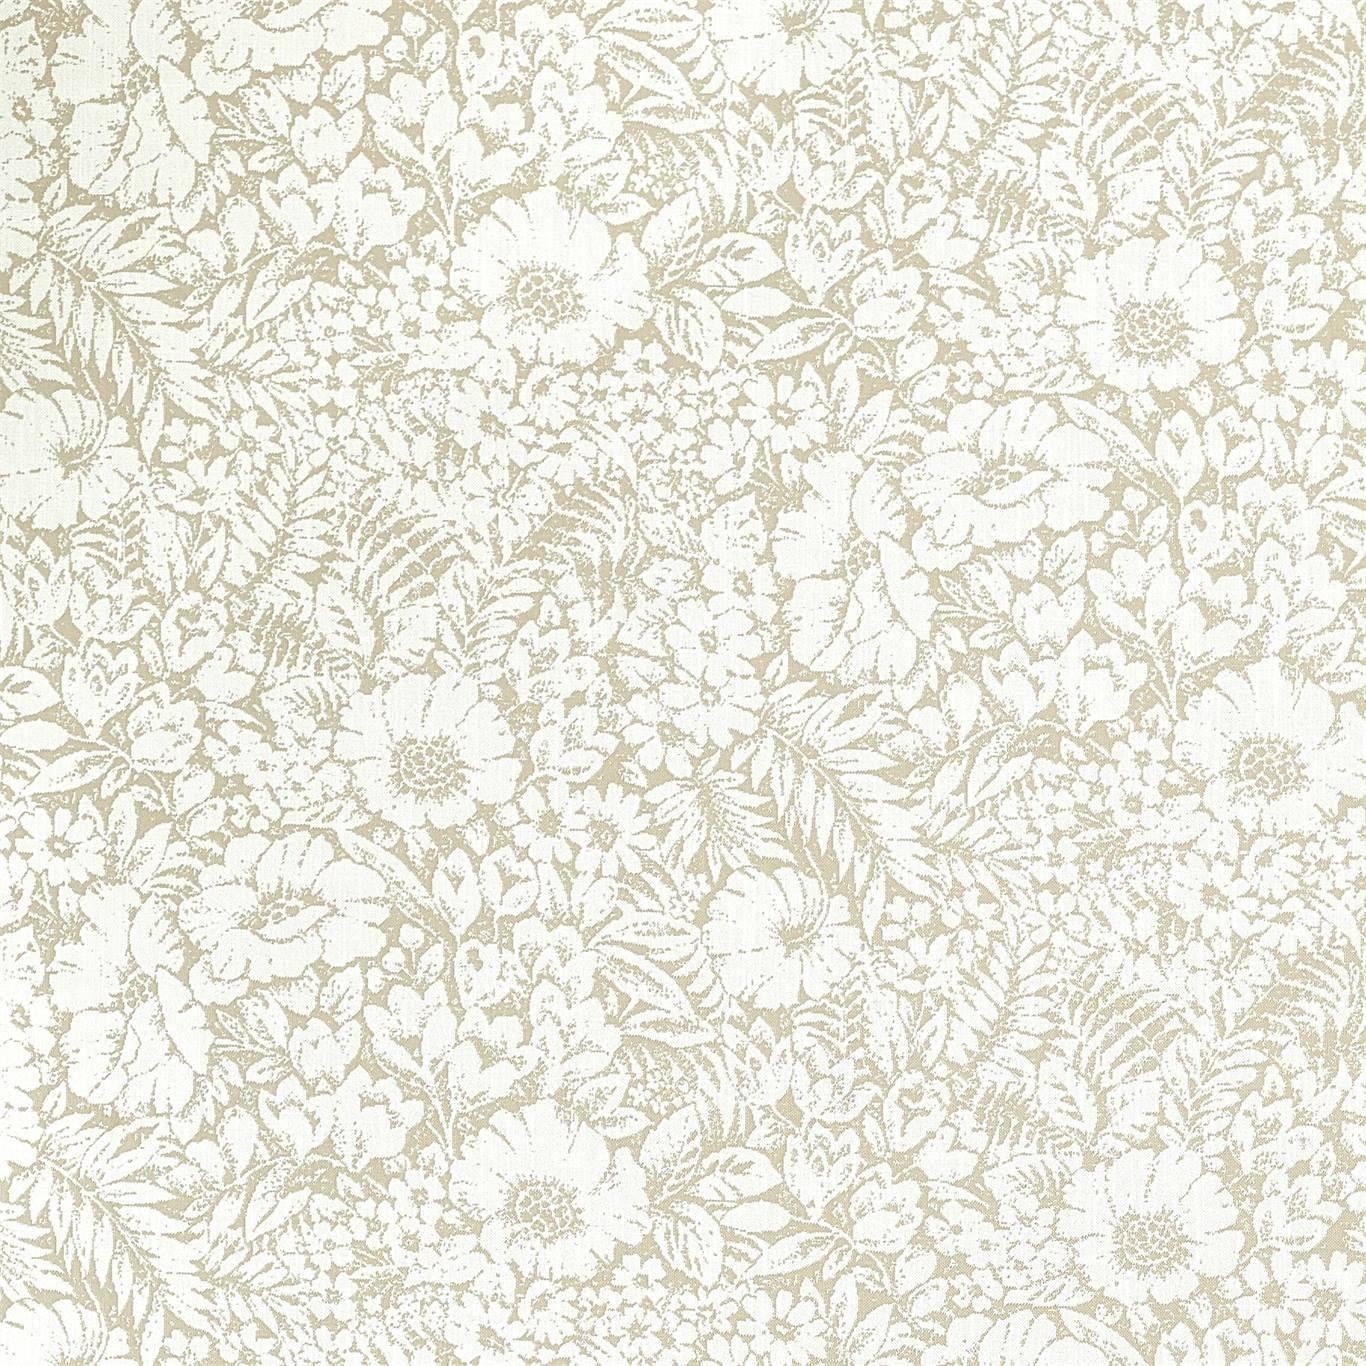 Image of Sanderson Meadow Fields Linen Fabric 237196